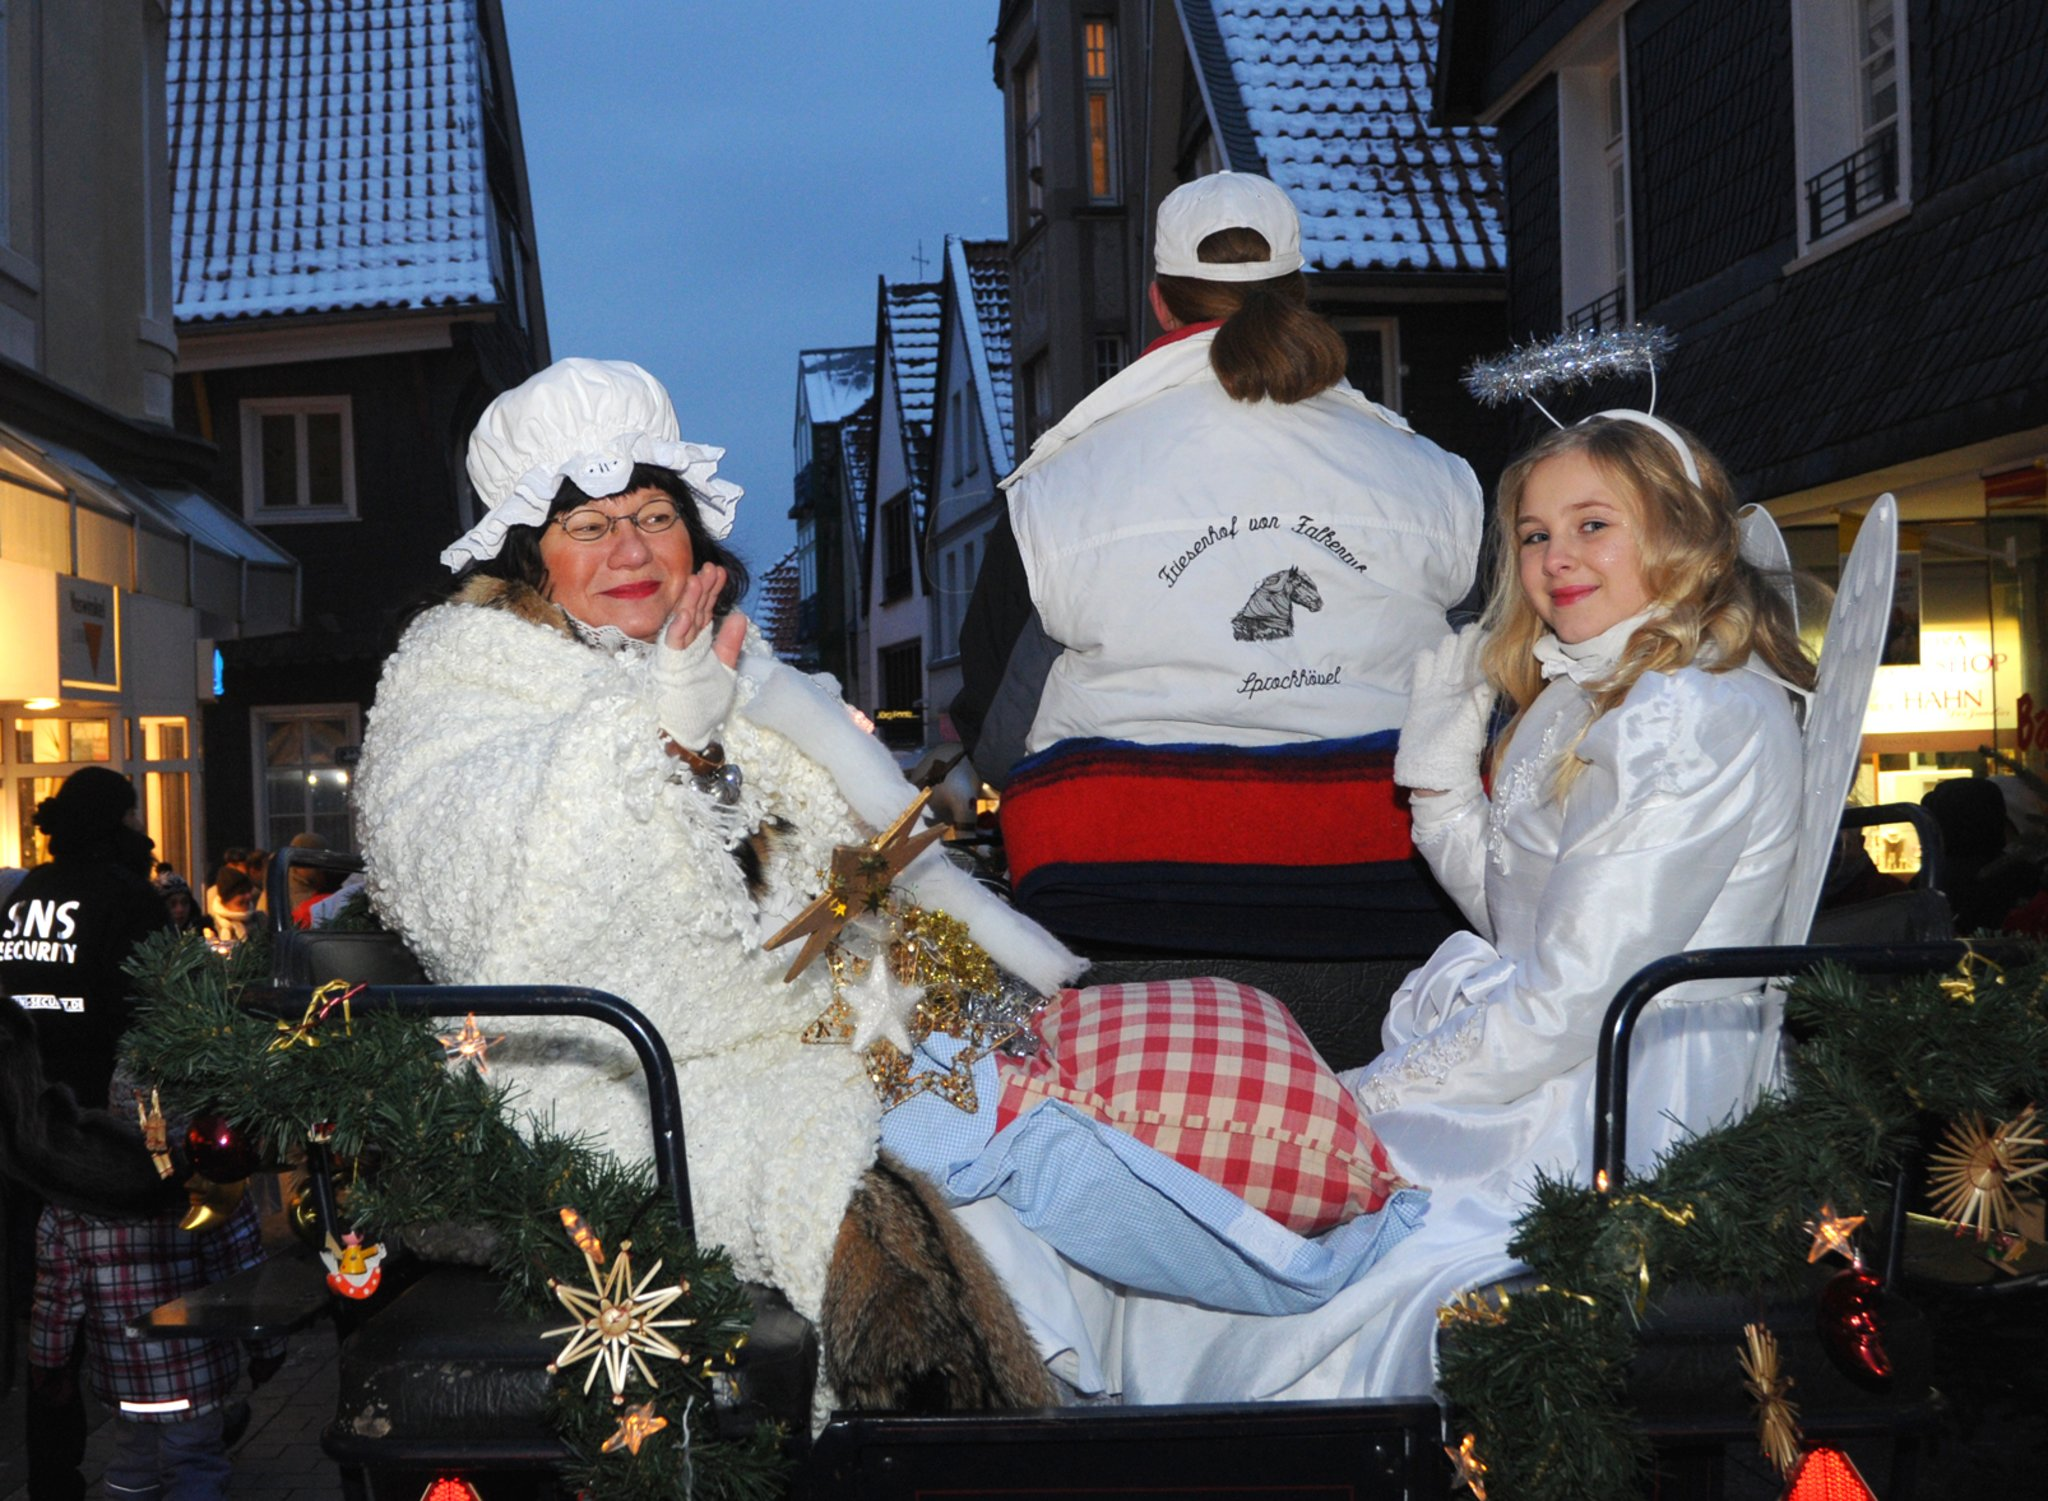 hattinger weihnachtsmarkt auf platz eins hattingen. Black Bedroom Furniture Sets. Home Design Ideas